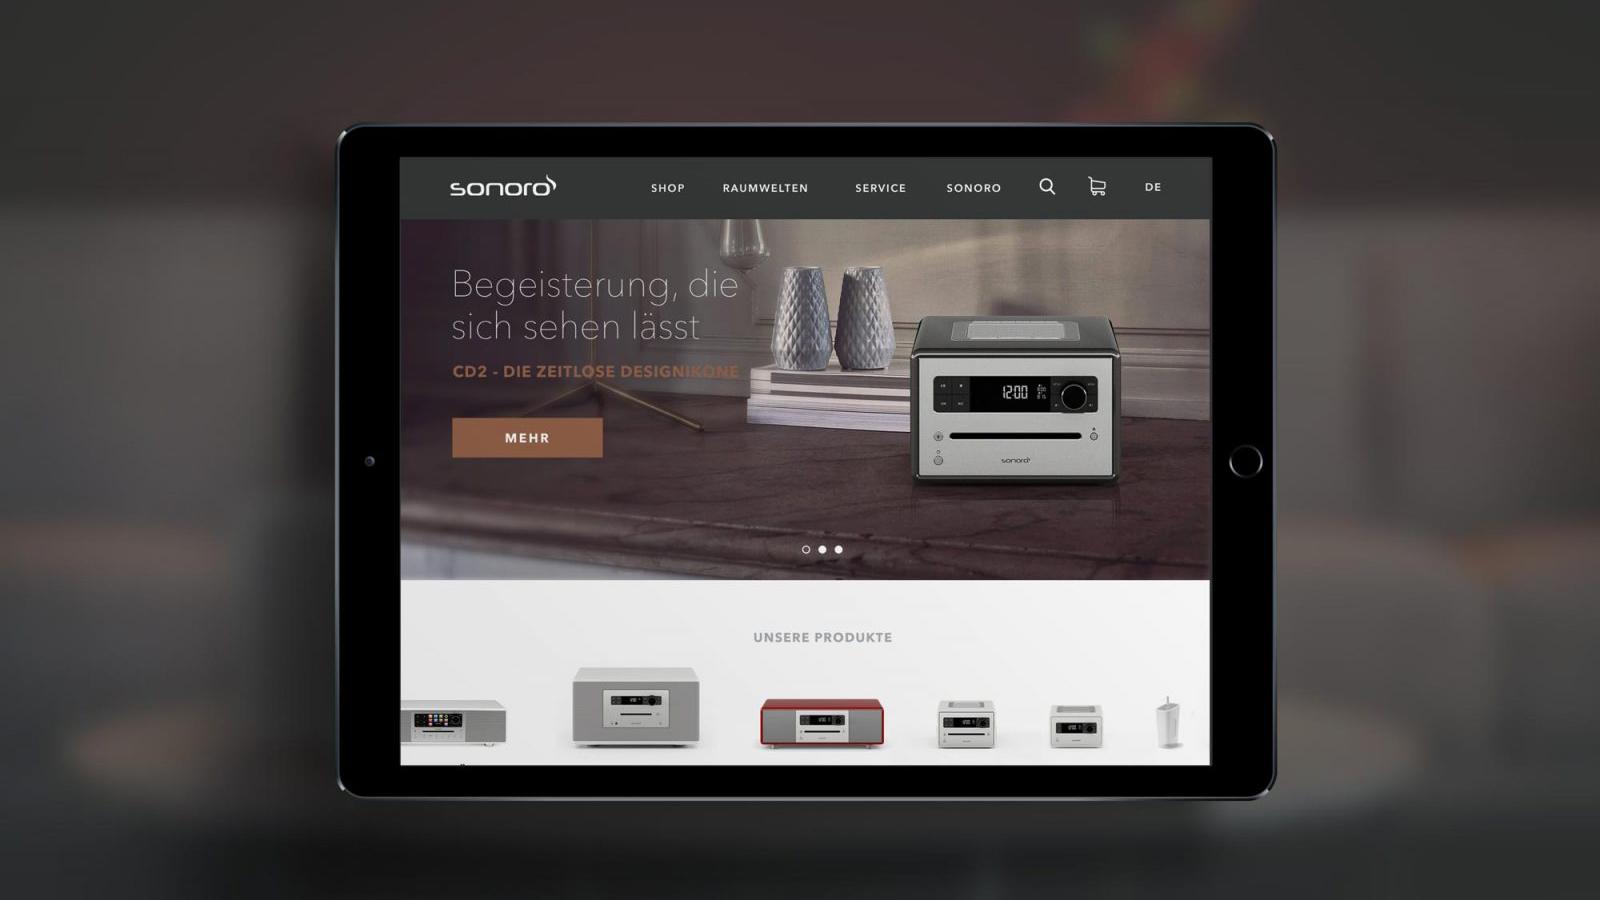 IPad in dem ein Ausschnitt der Sonoro Webseite zu sehen ist